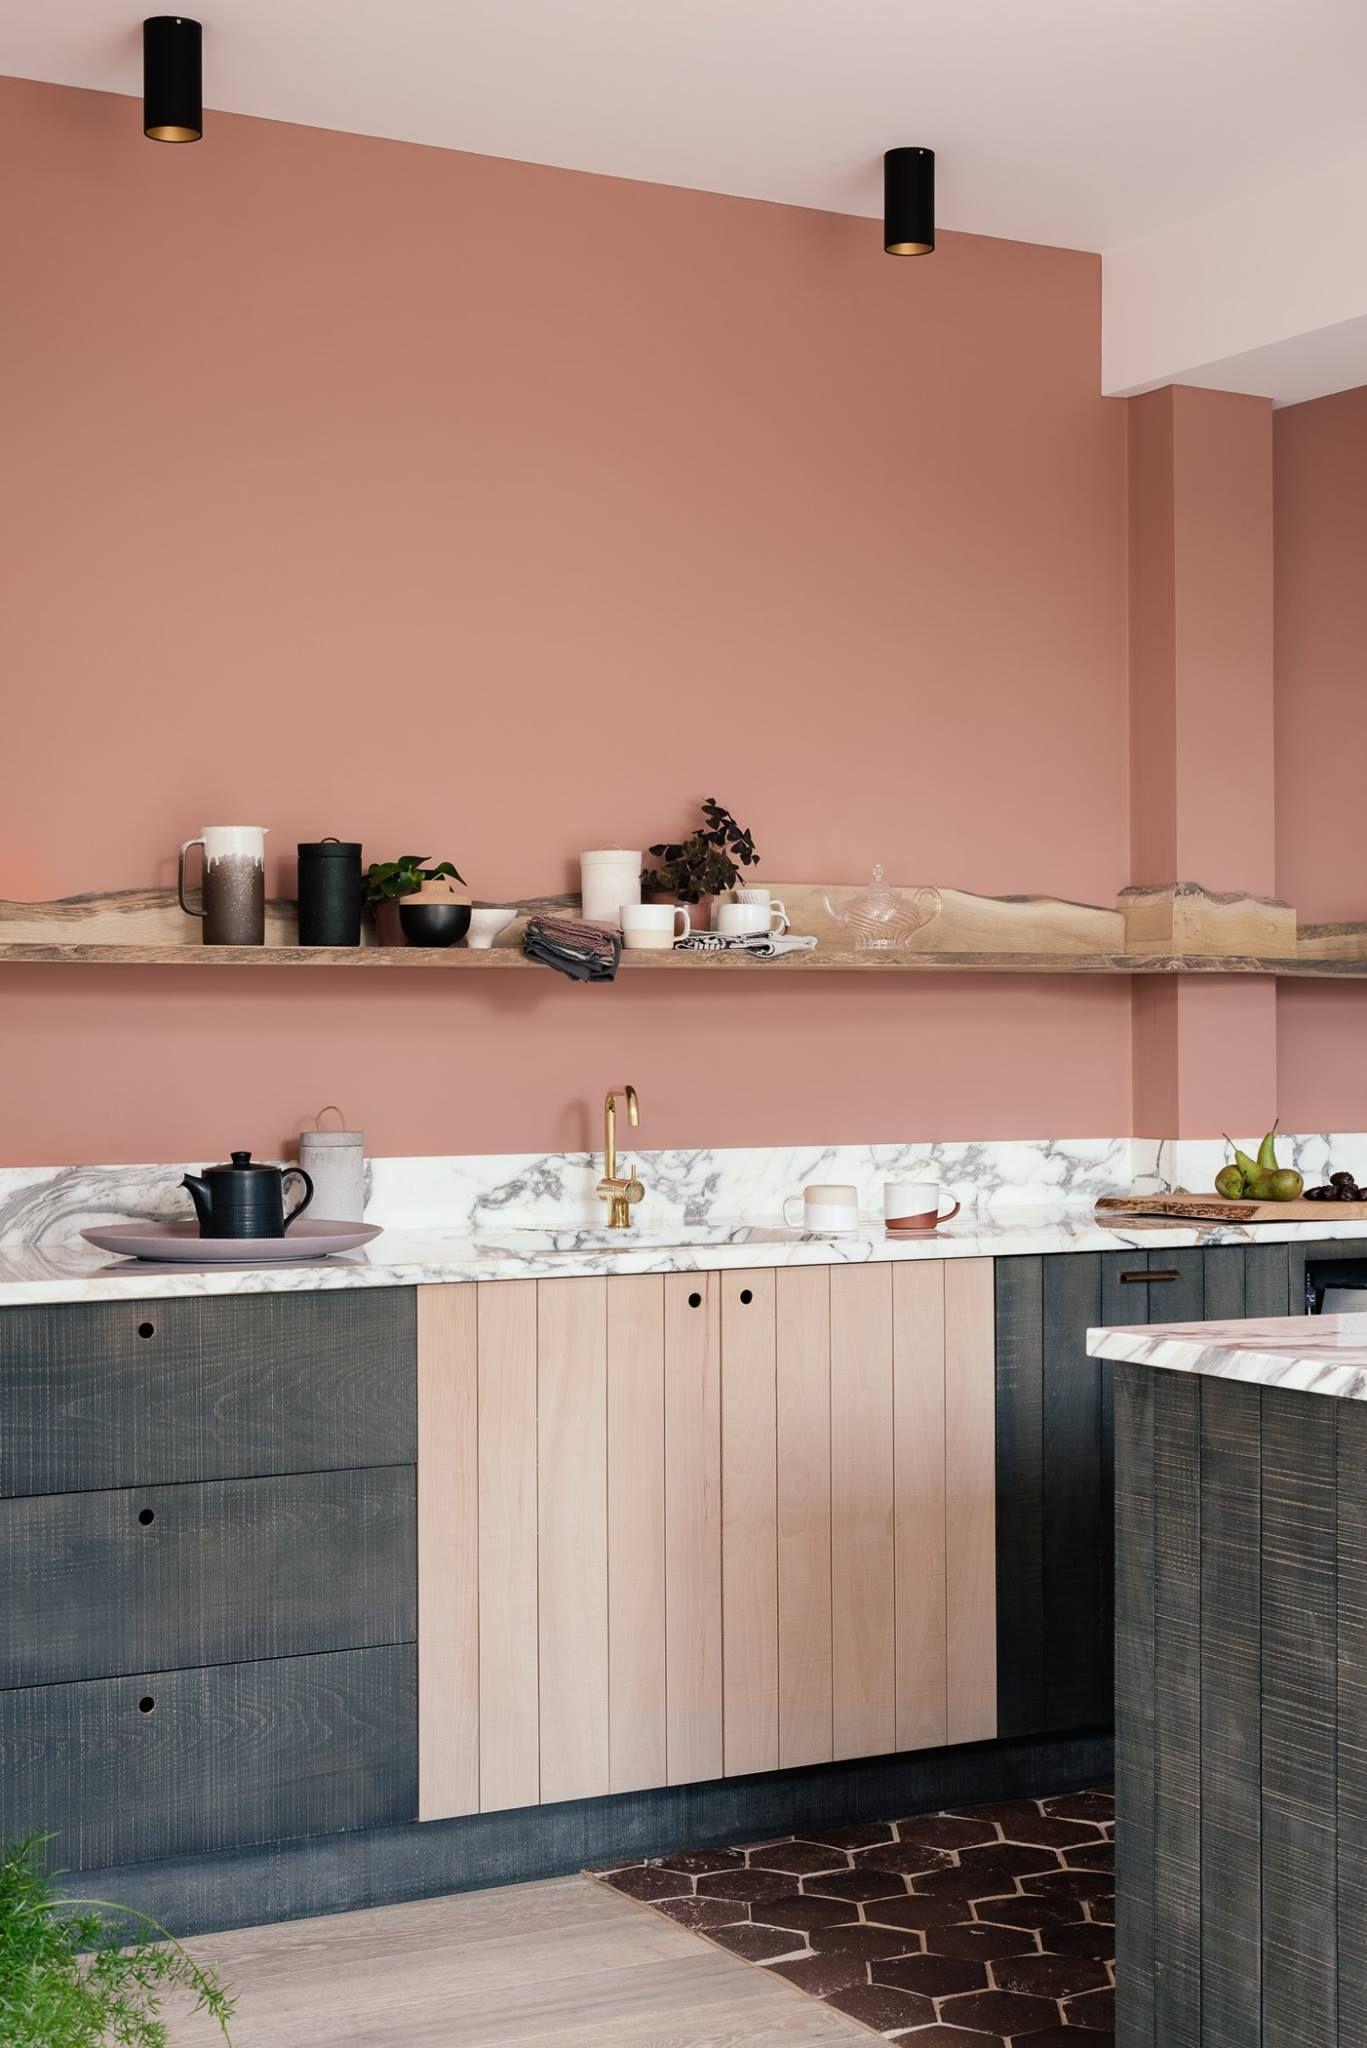 Backsplash: come proteggere la parete della cucina – Foto | Cucina ...